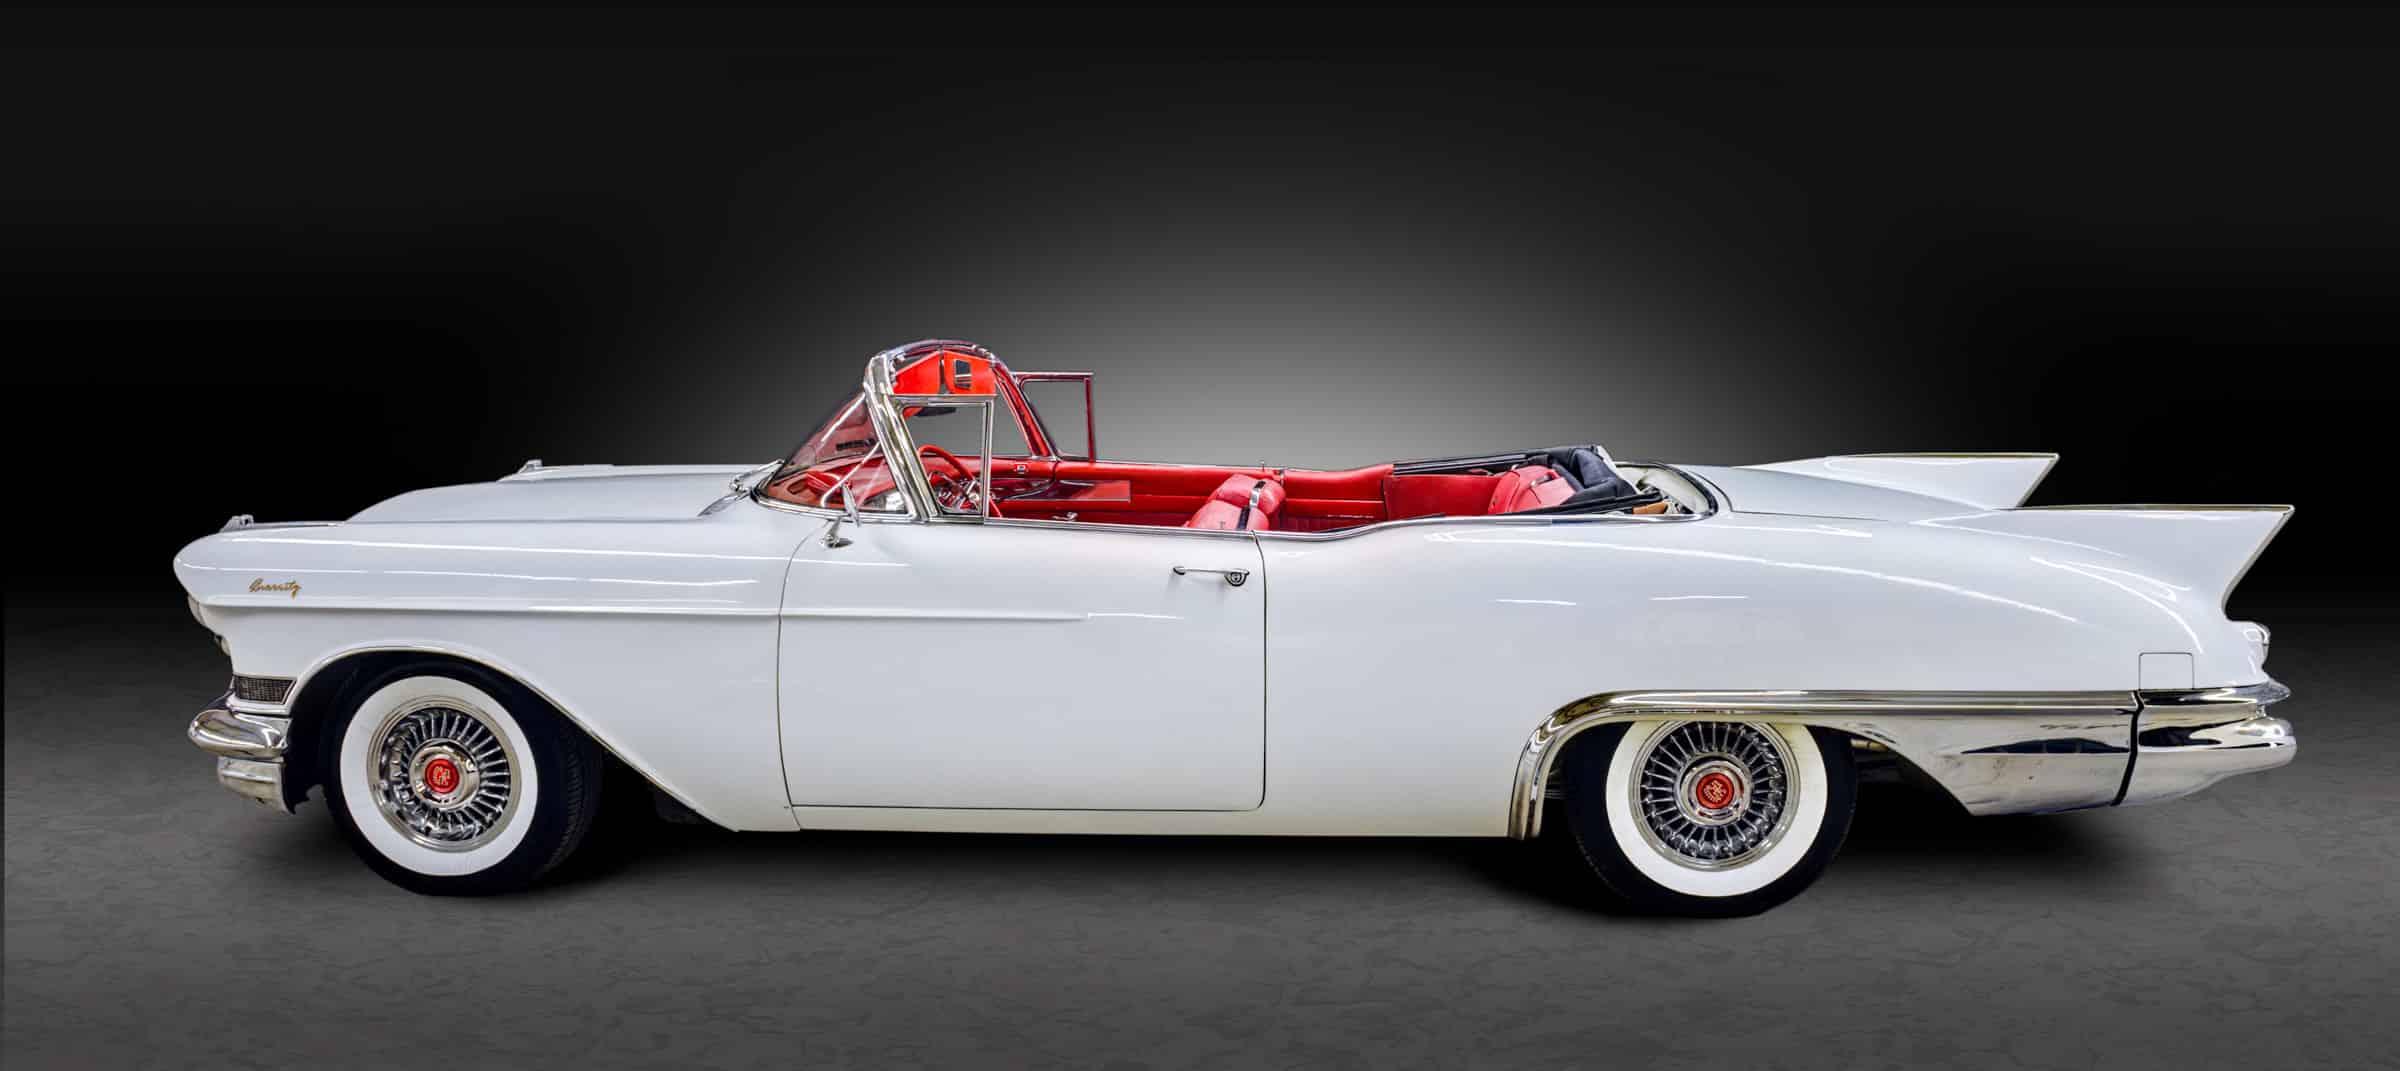 1957 Series 62 Eldorado Biarritz - White